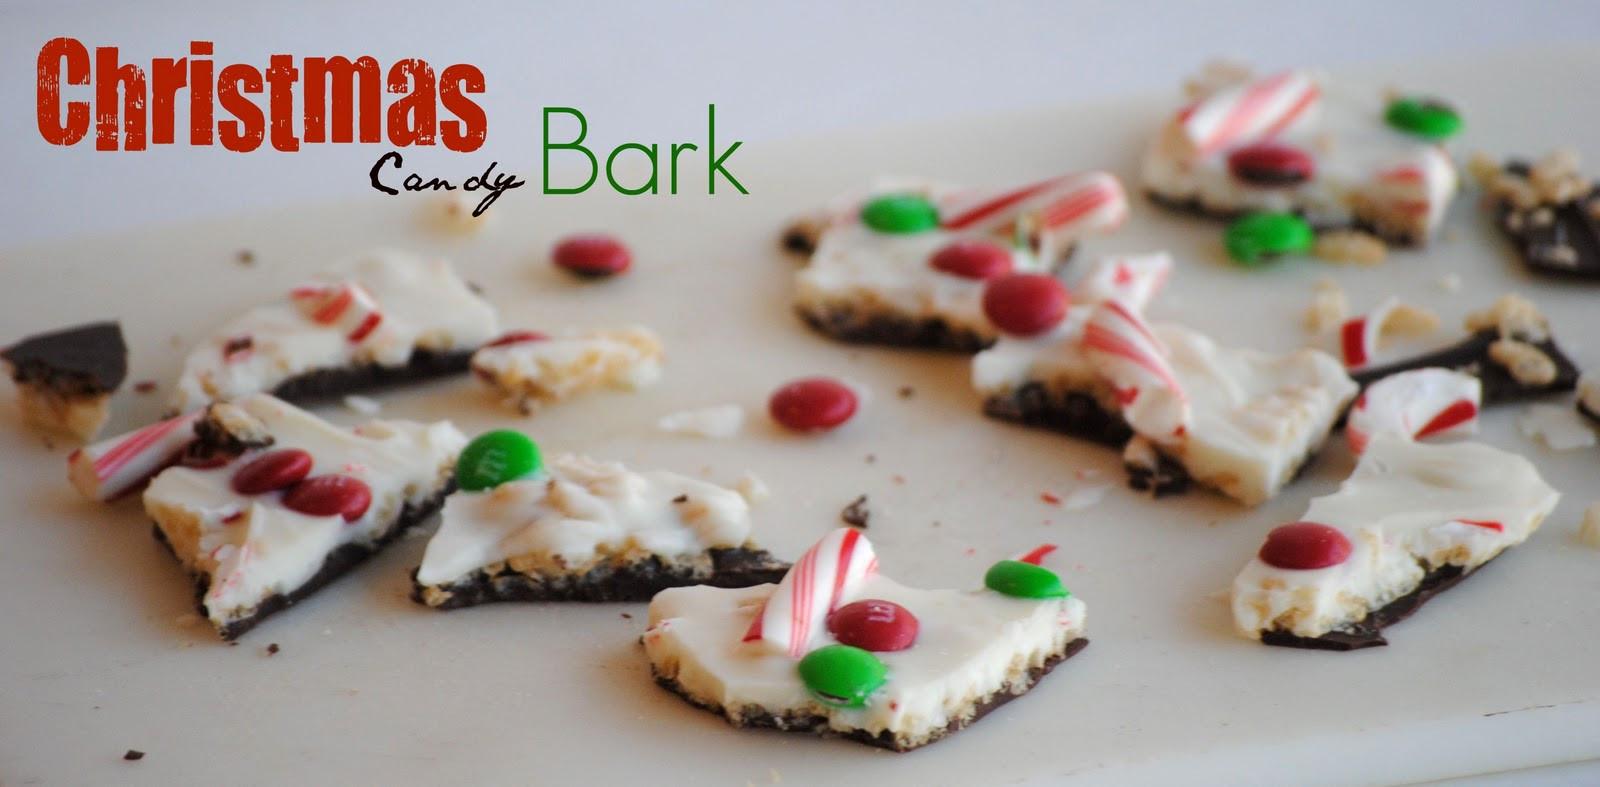 Christmas Bark Candy Recipes  The Farm Girl Recipes Christmas Candy Bark